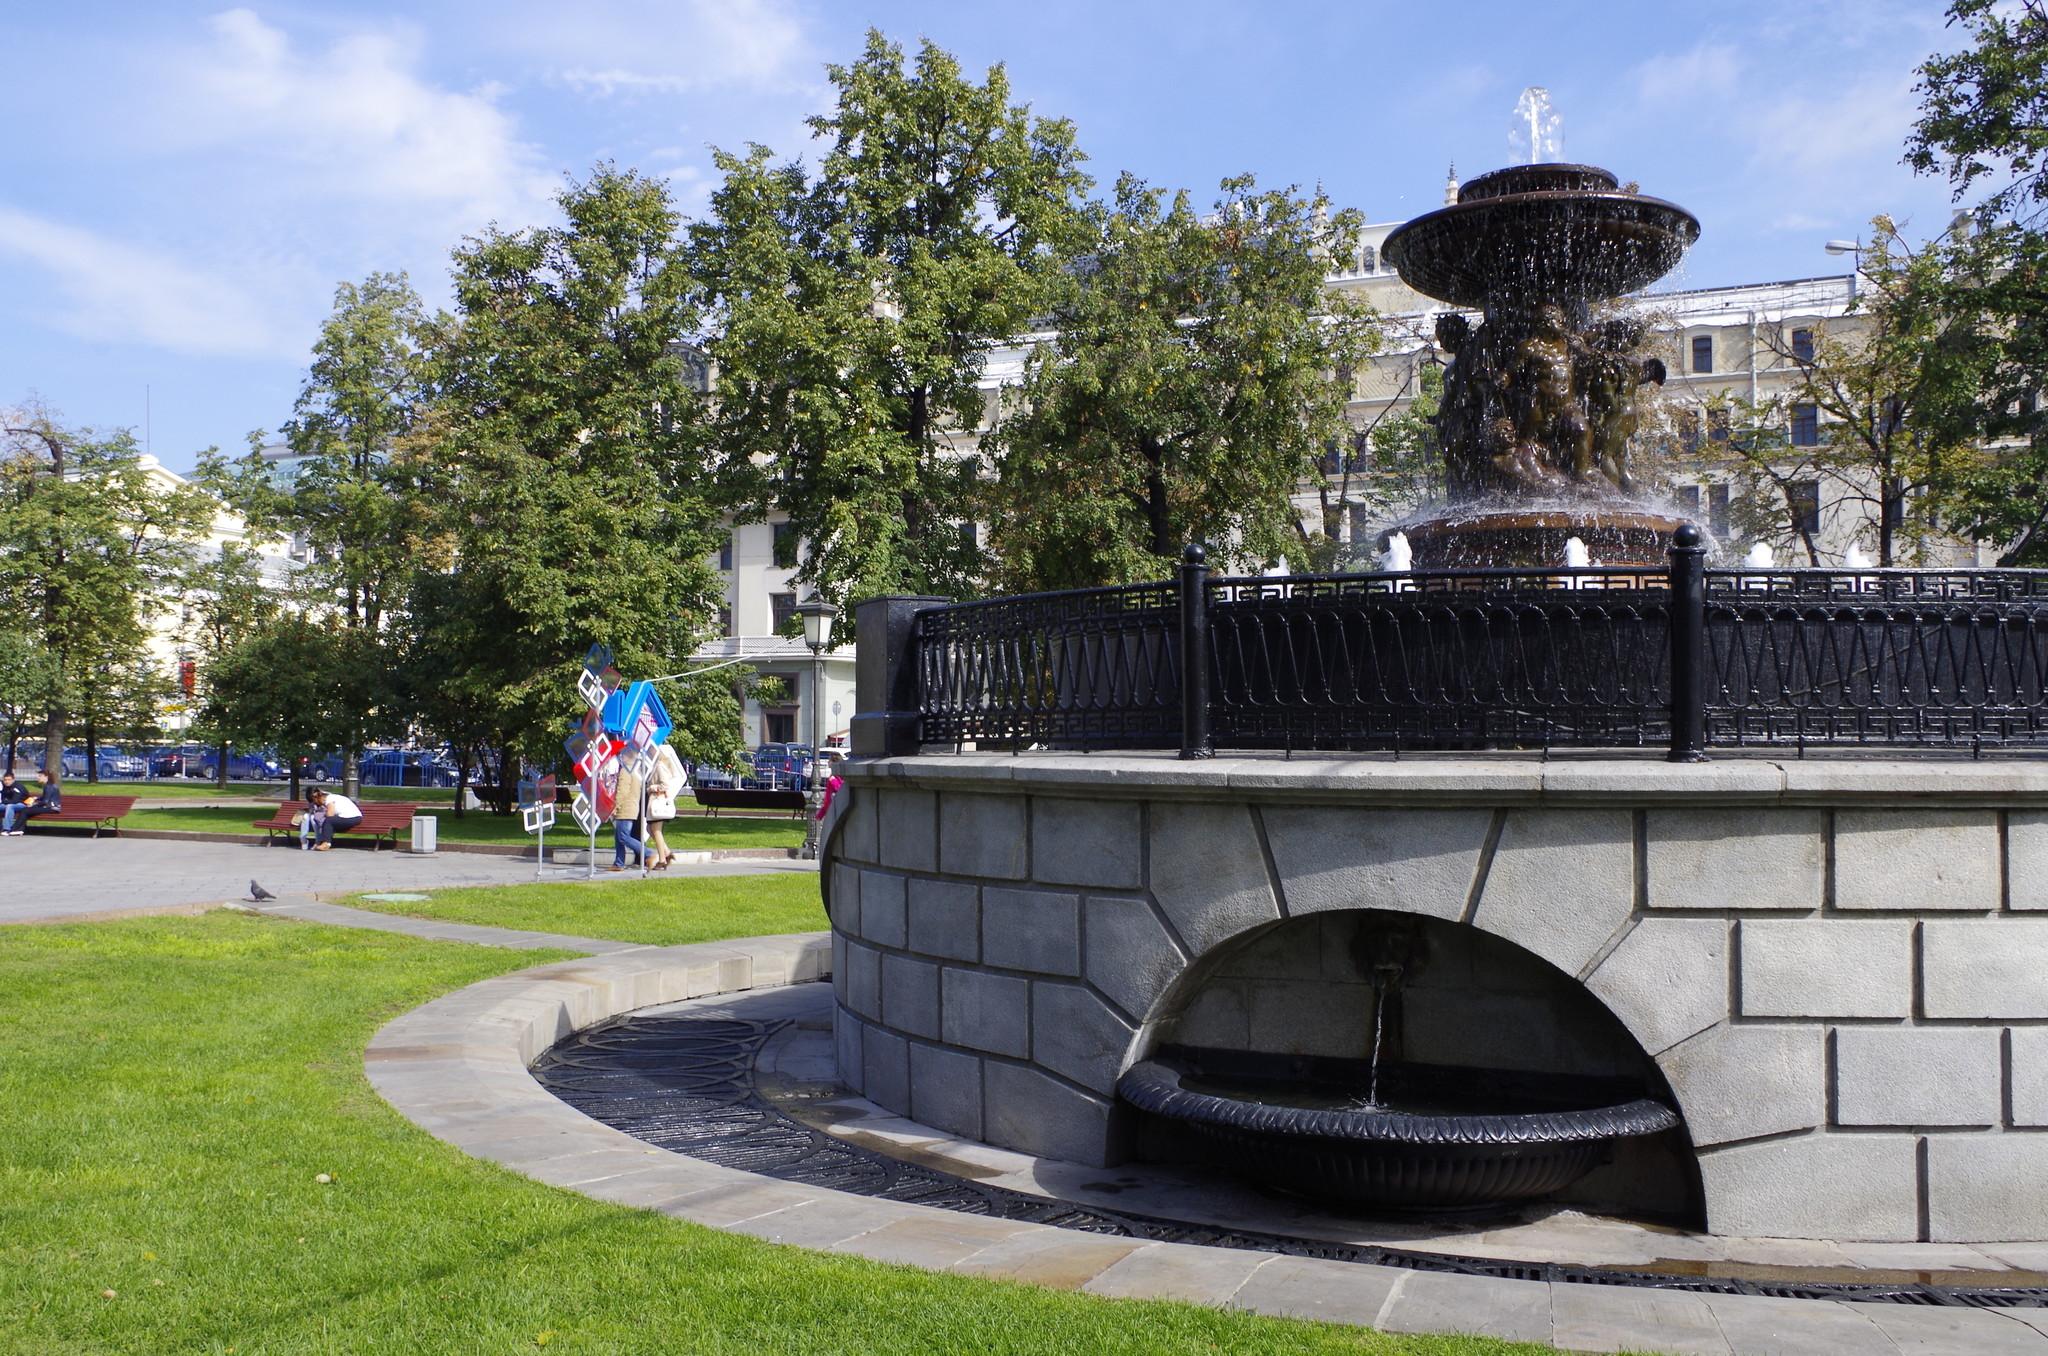 Фонтан «Витали», который находится на границе Театральной площади и Площади Революции